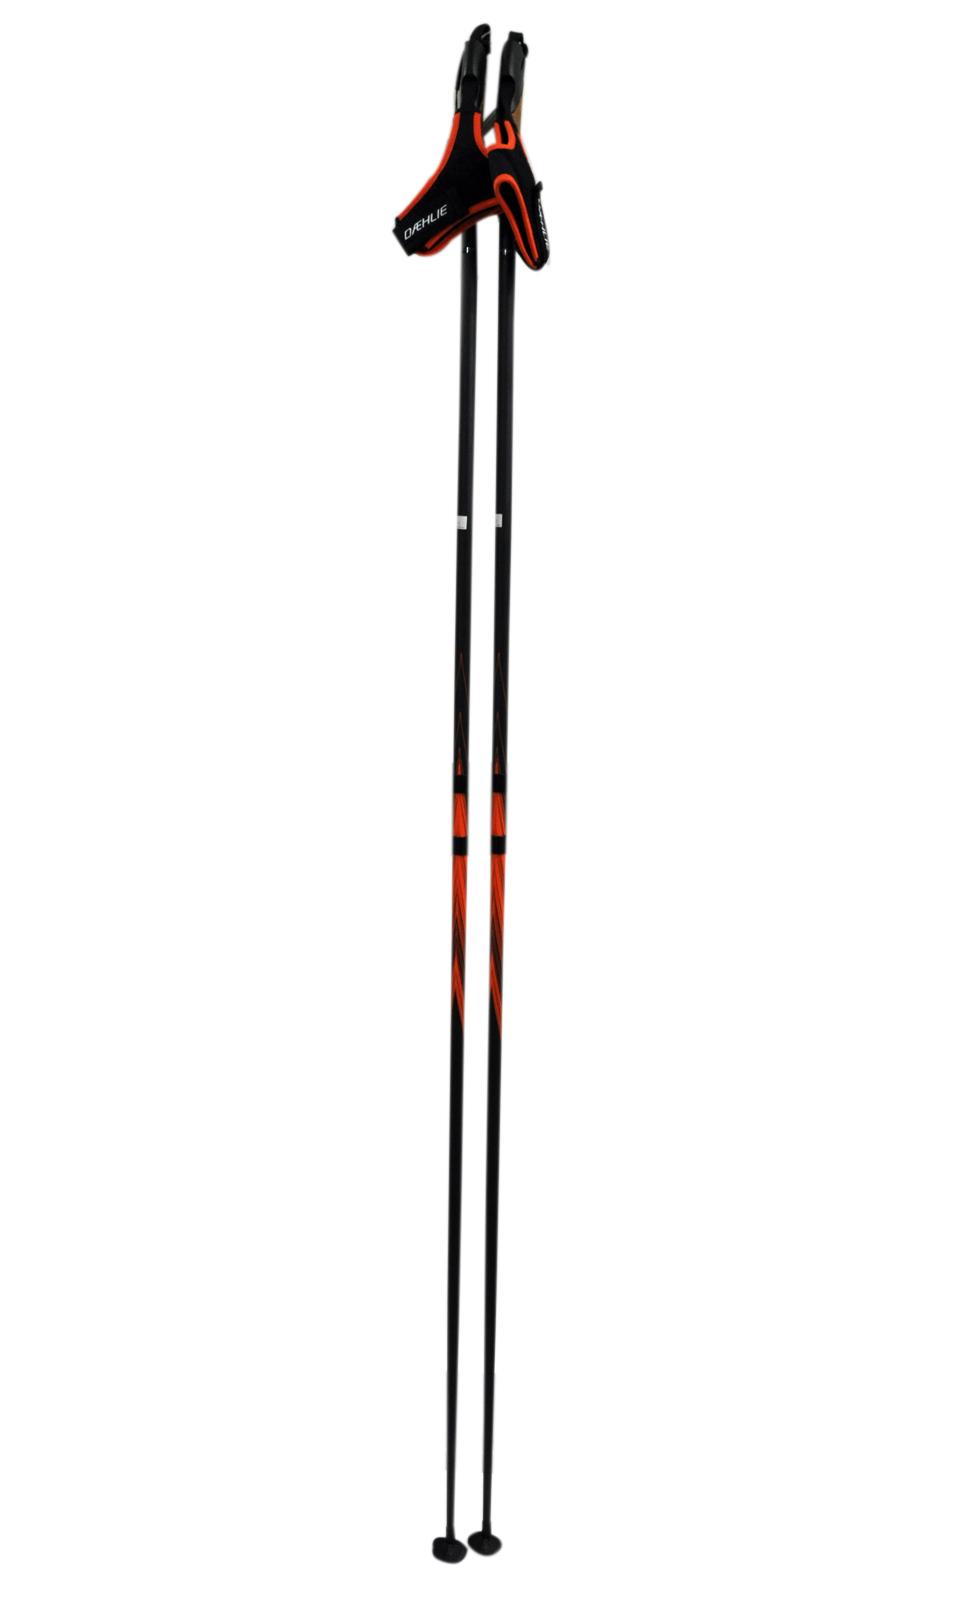 Лыжные палки Bjorn Daehlie 2017-18 LEGEND BLACK (см:165) - артикул: 994080221